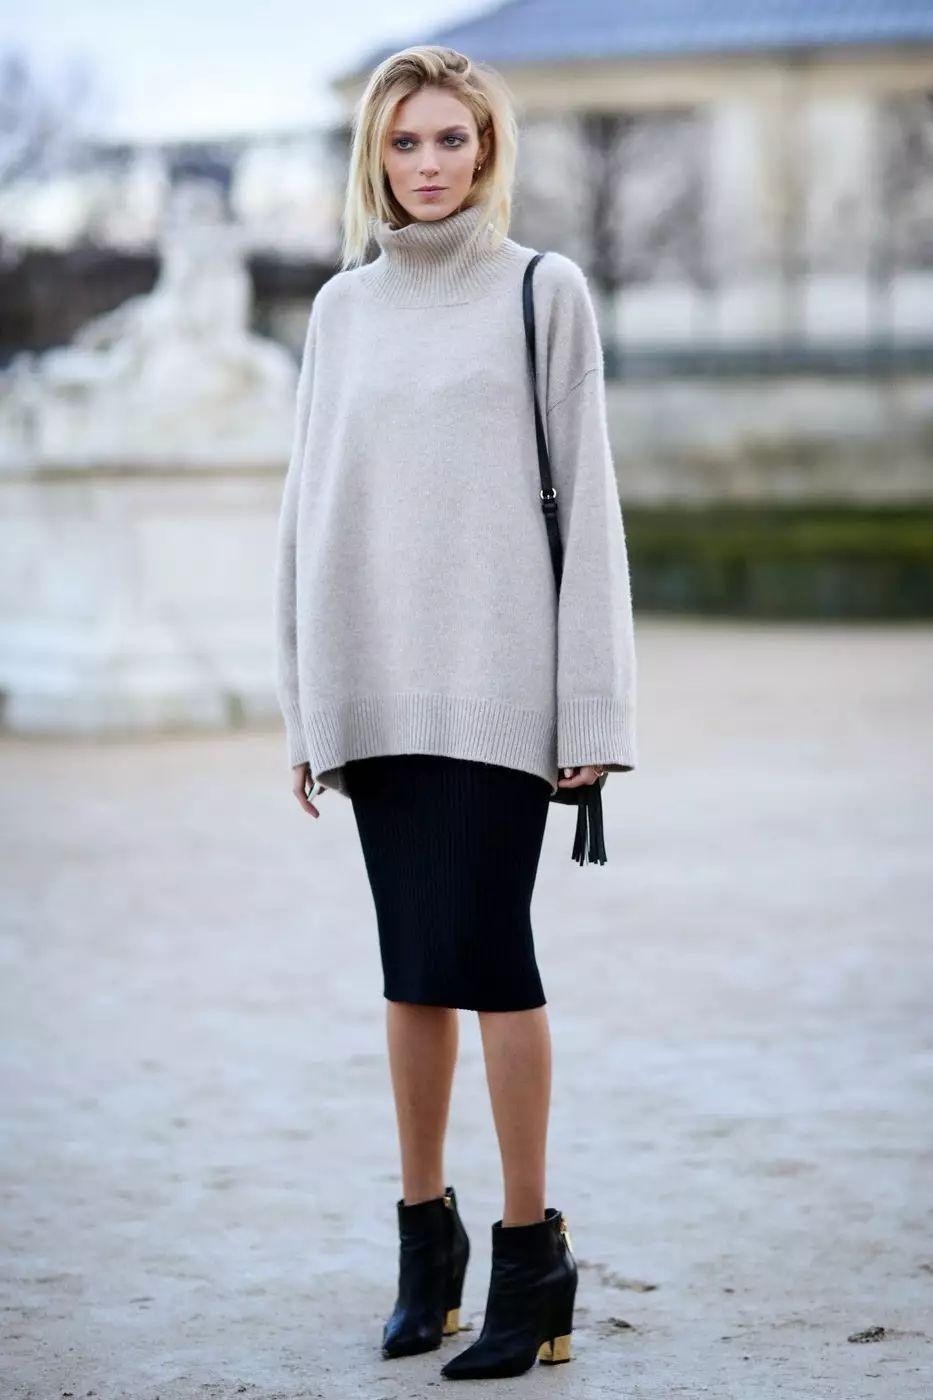 宽松毛衣搭配紧身半裙,尽显完美身材.图片